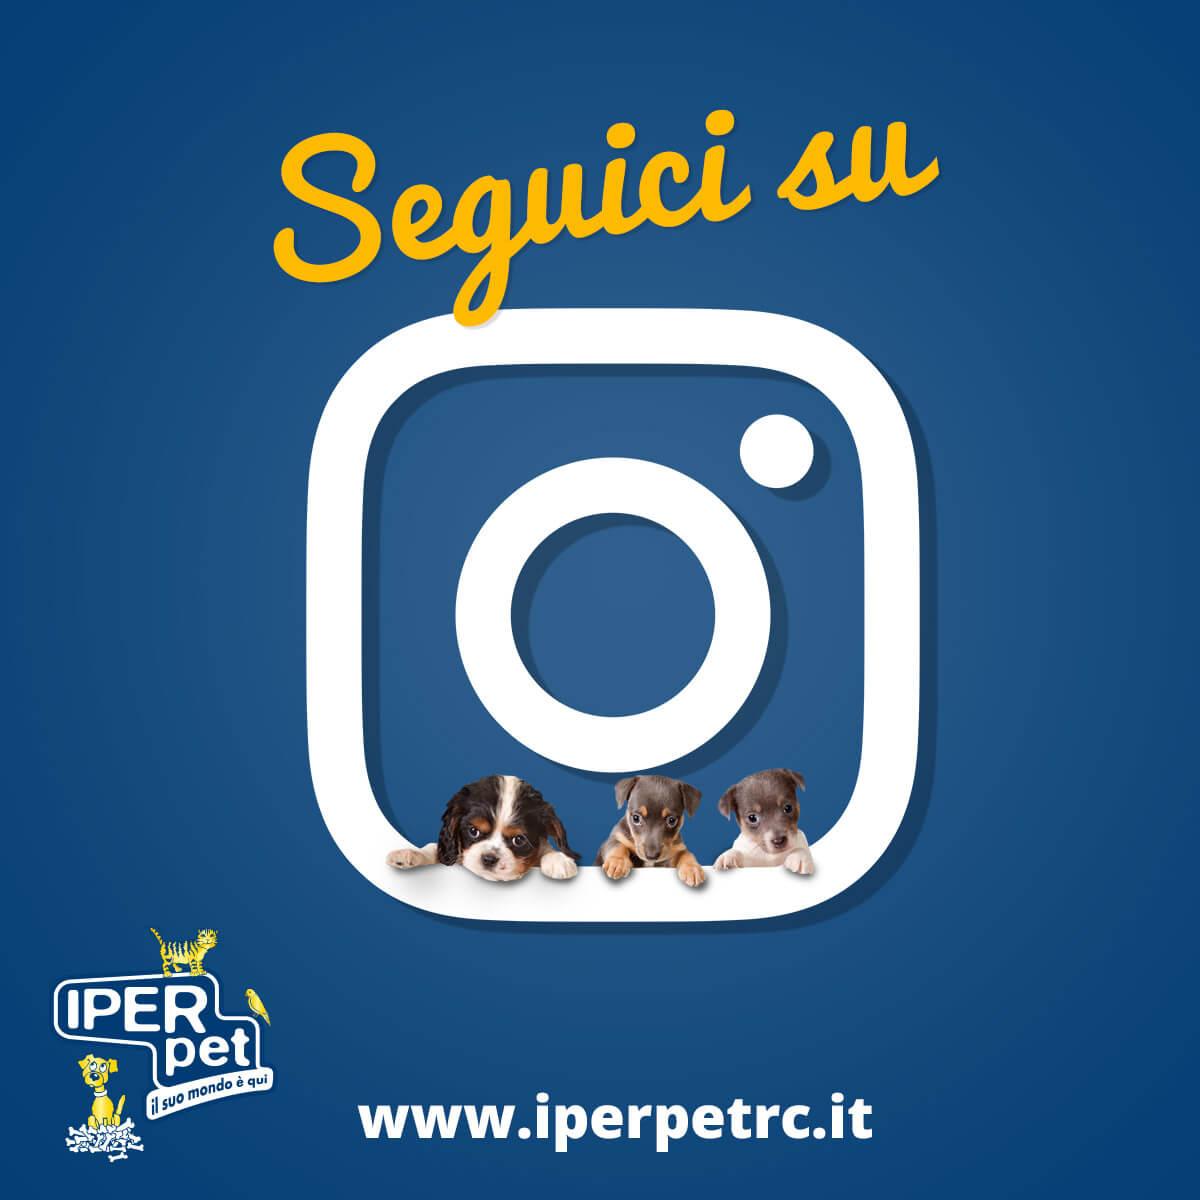 Iper Pet il negozio per animali di Reggio Calabria adesso ha un profilo instagram